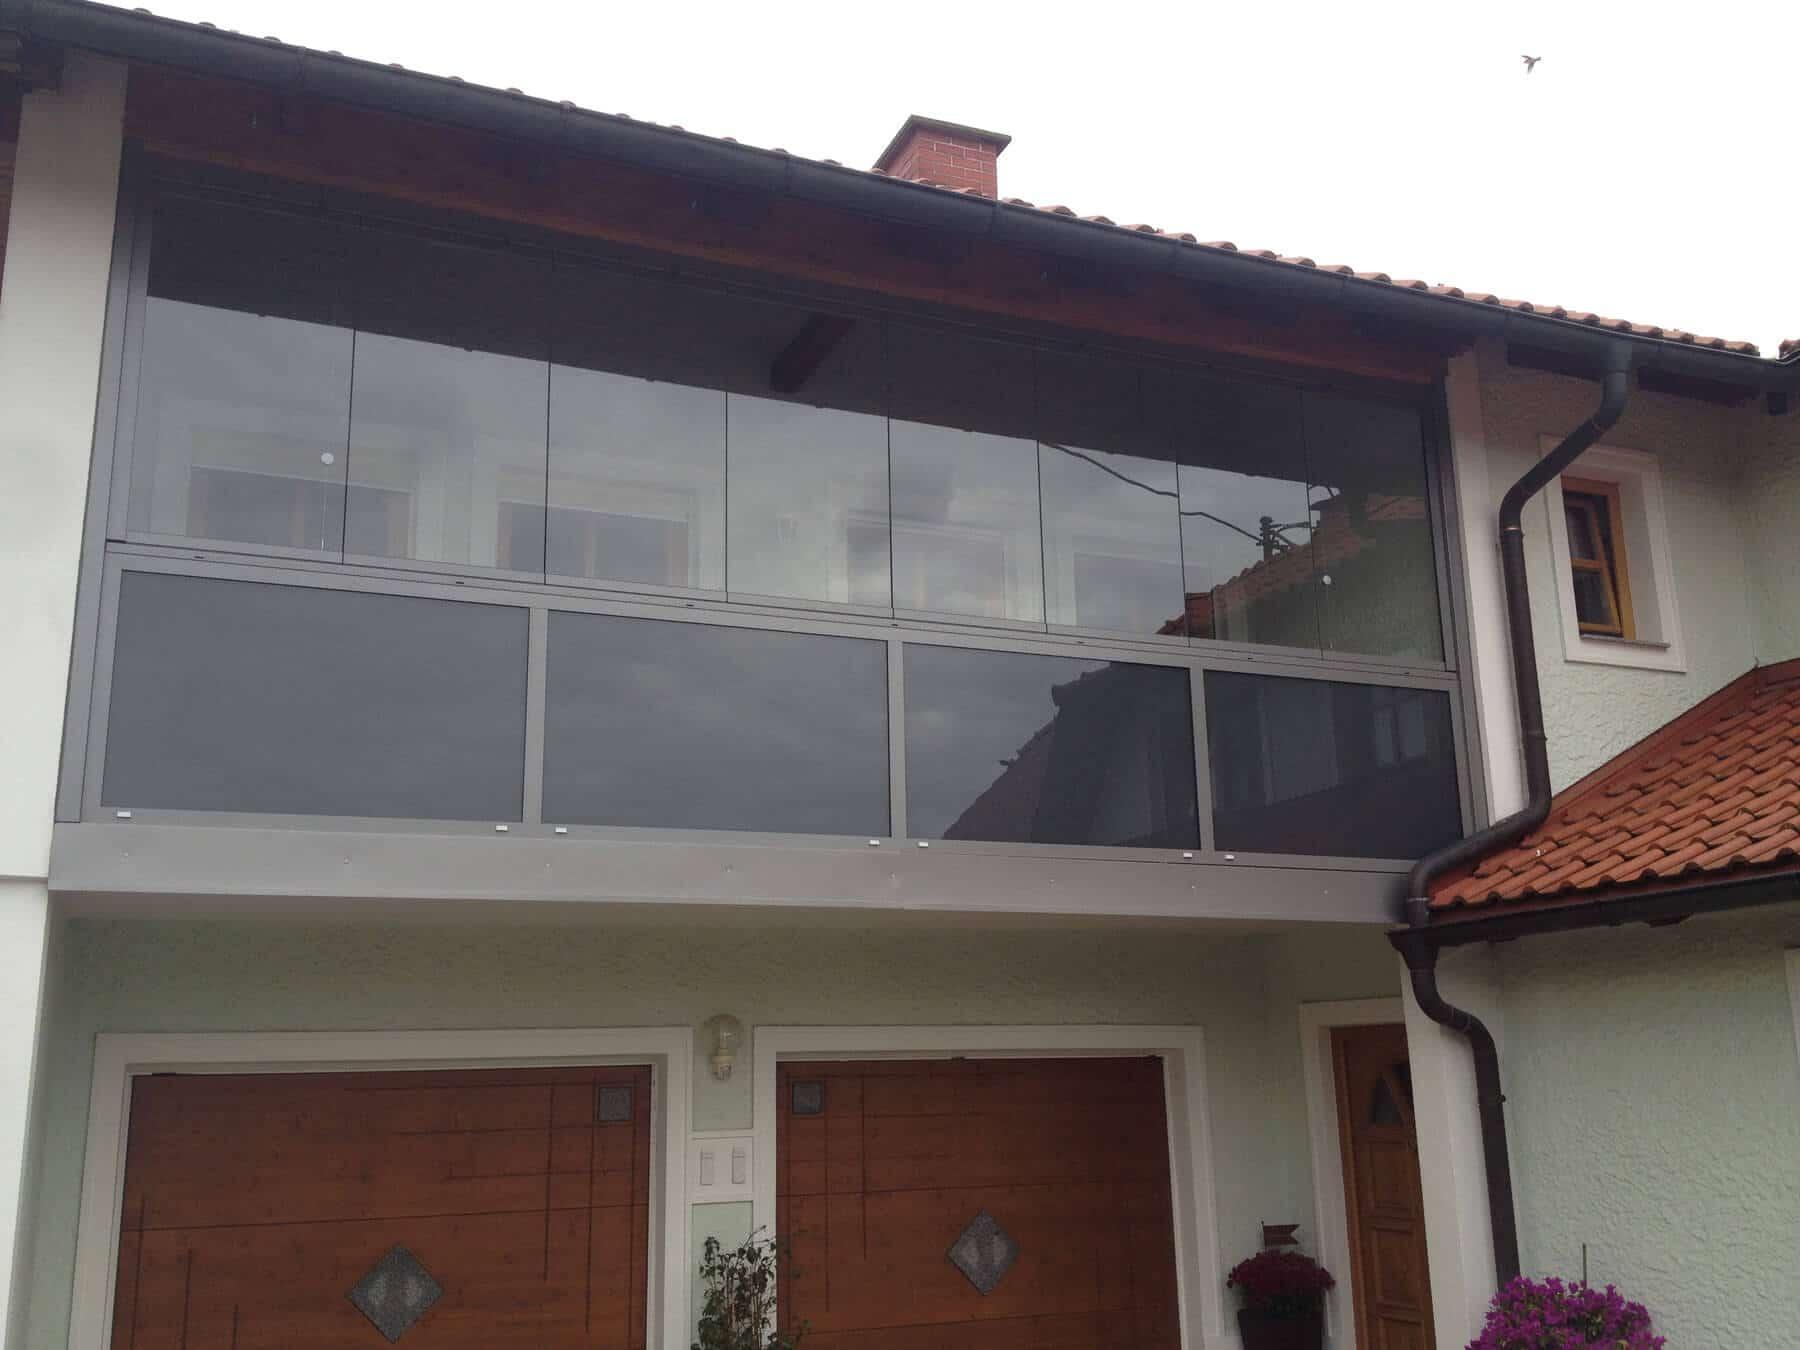 Balkonverbau schafft zusätzlichen Wohnraum